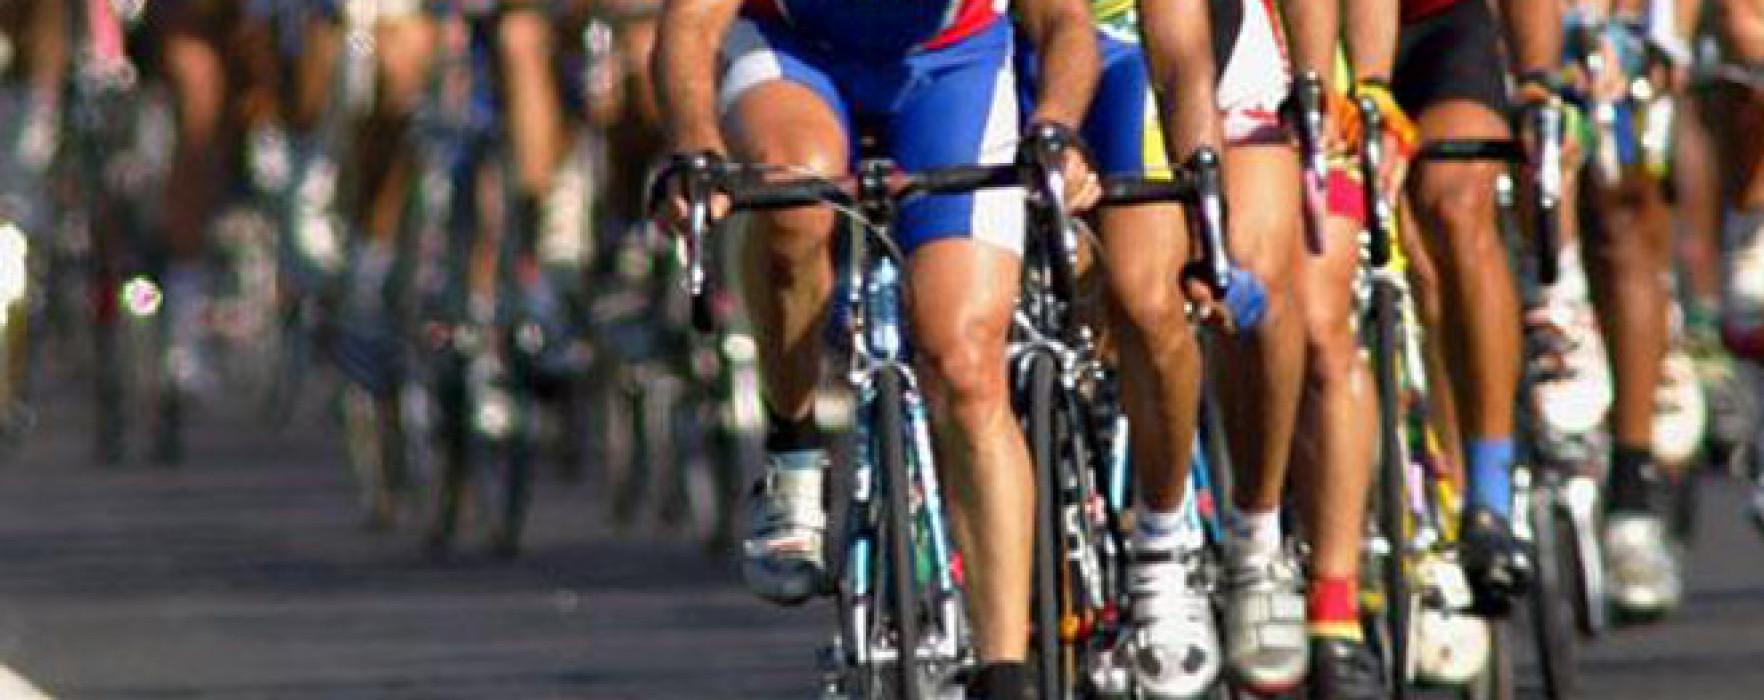 Pasquetta in bici: a Baragiano la tradizionale gara ciclistica per Allievi e Juniores